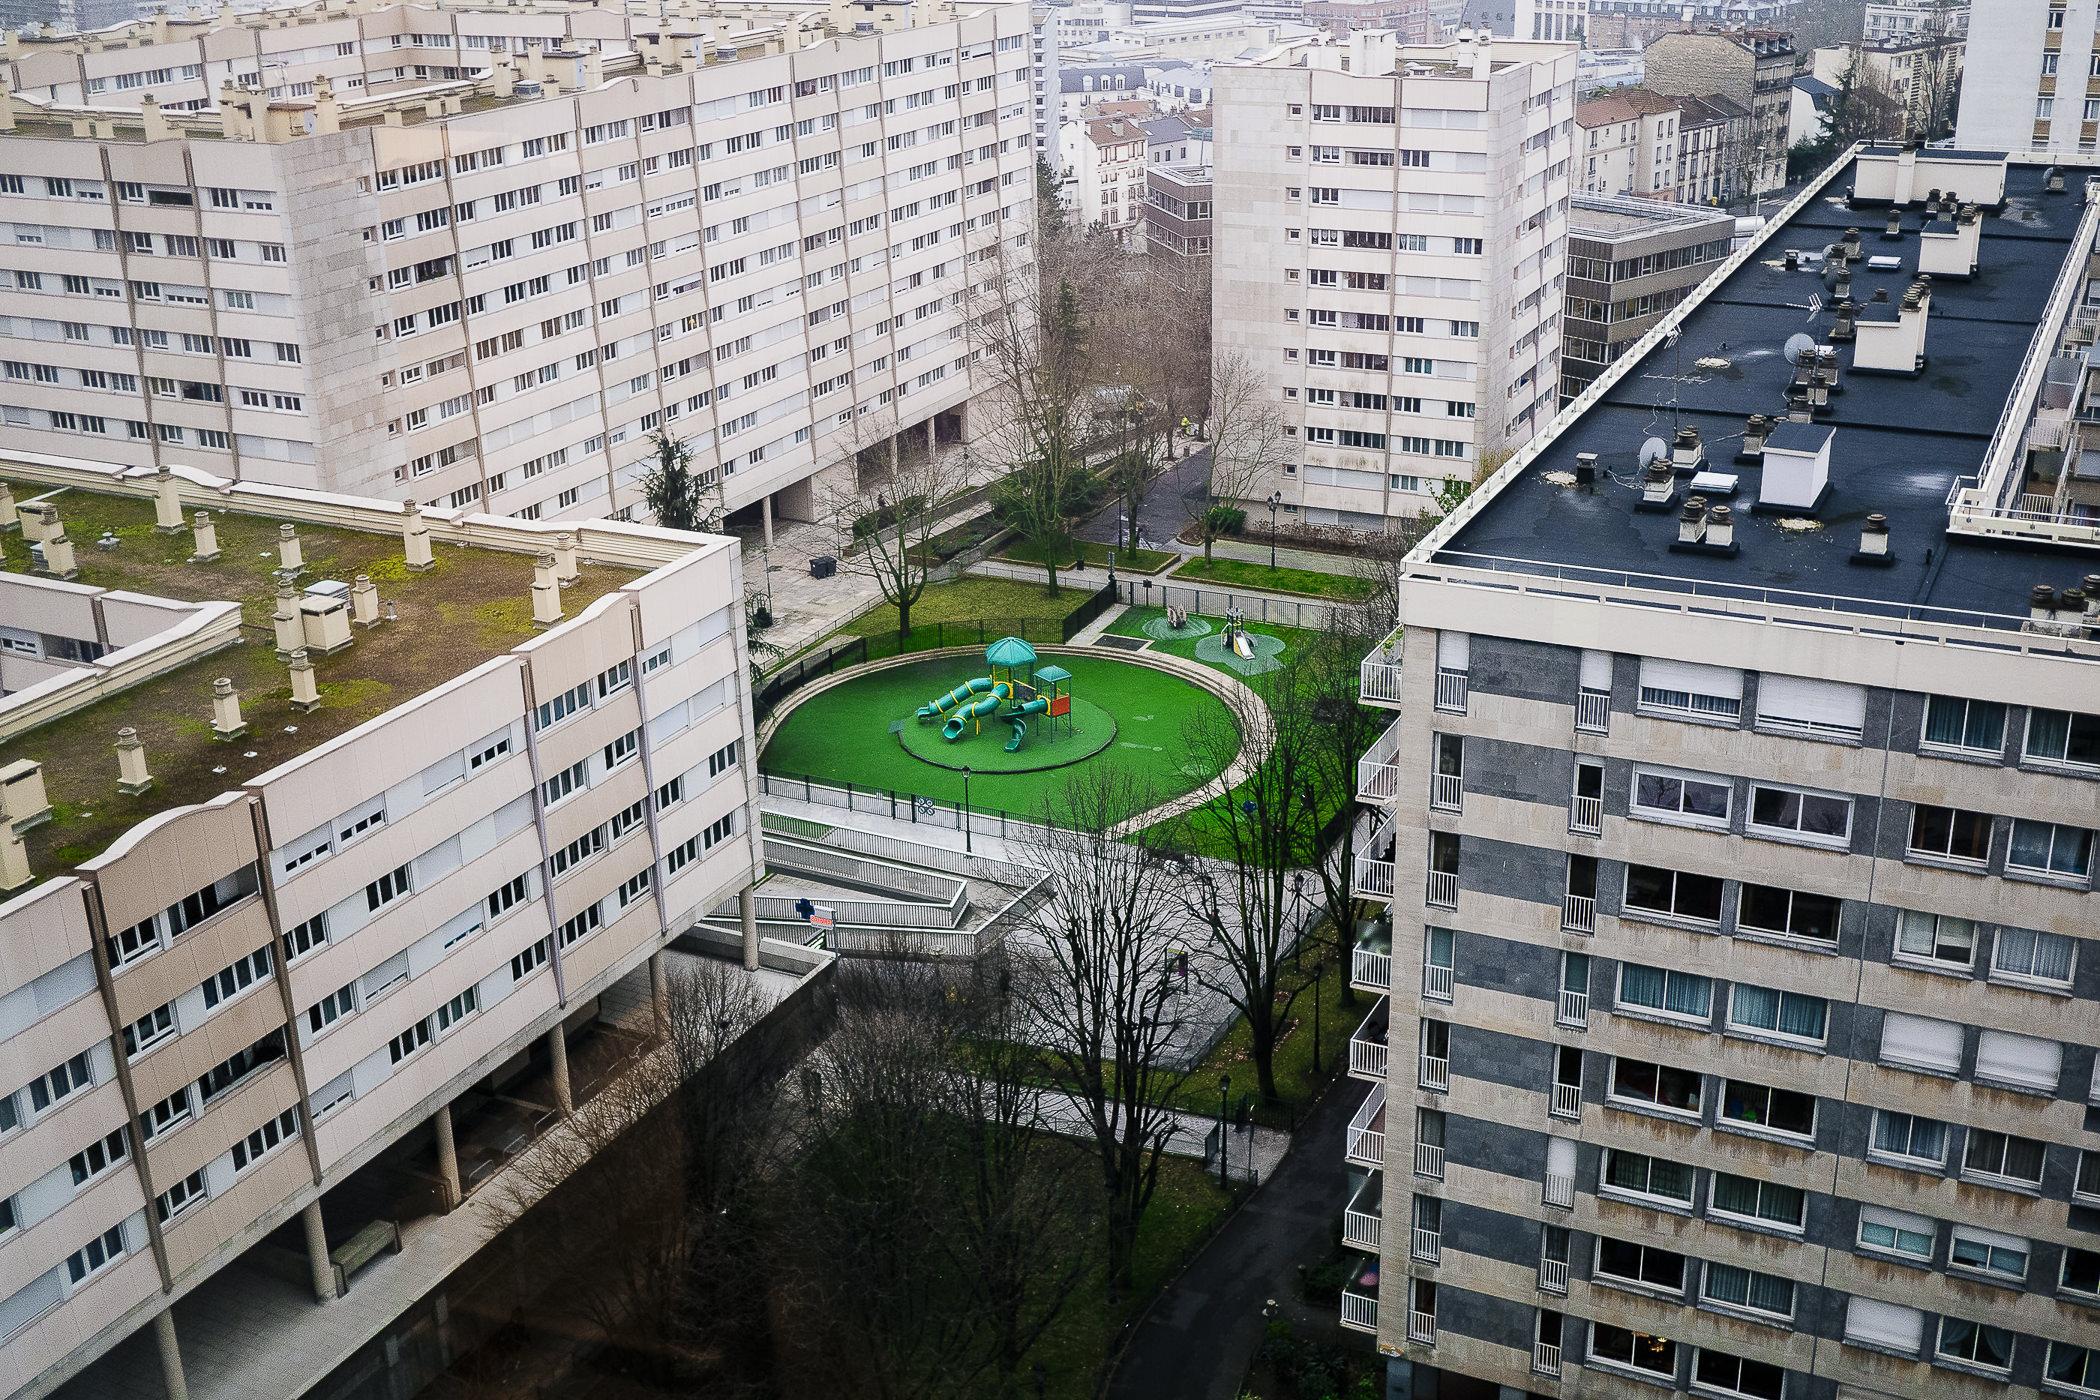 ARCHITECTURE_47.jpg